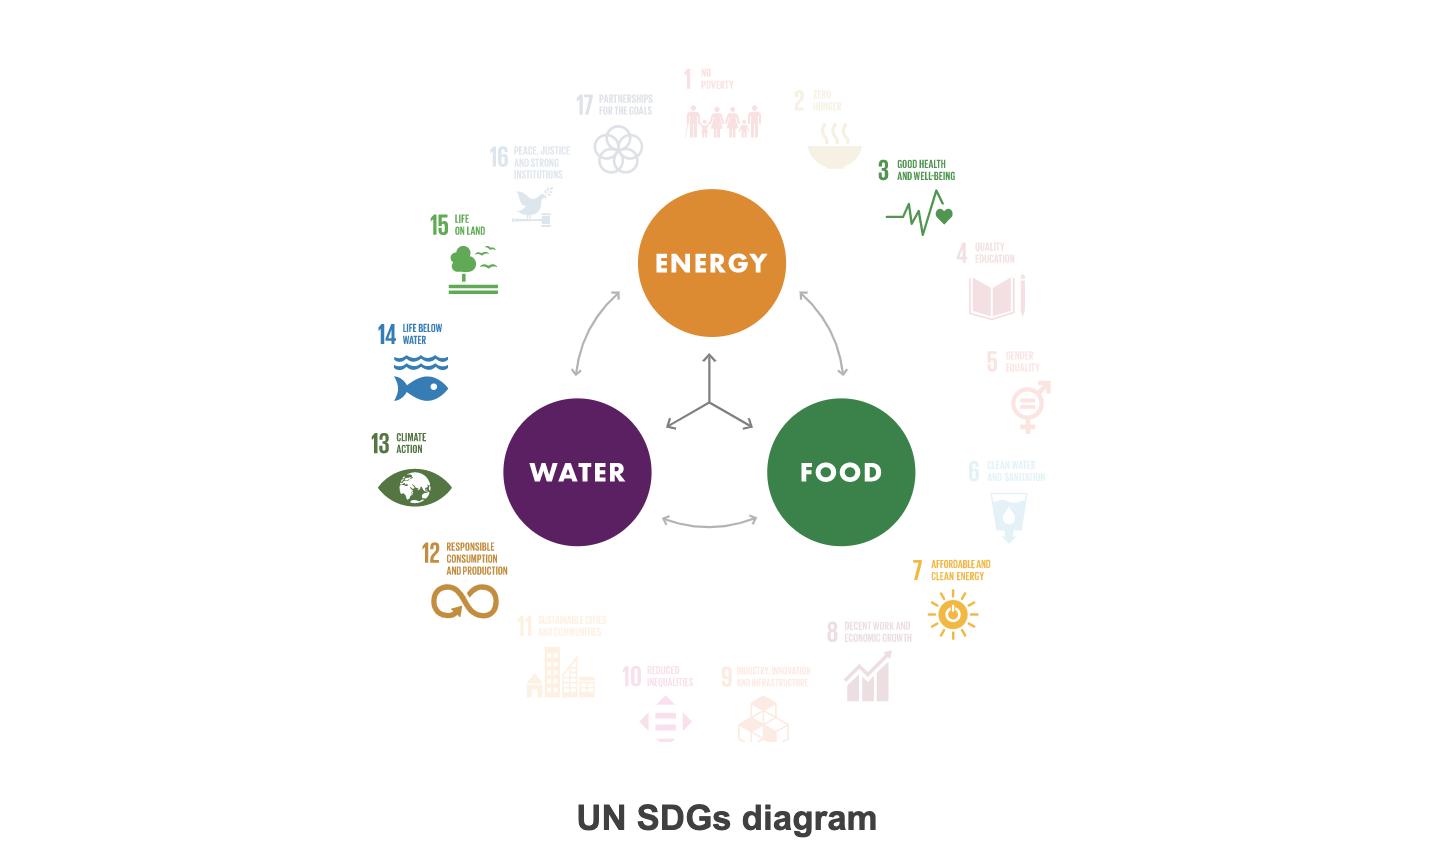 UN SDG Diagram Brazil